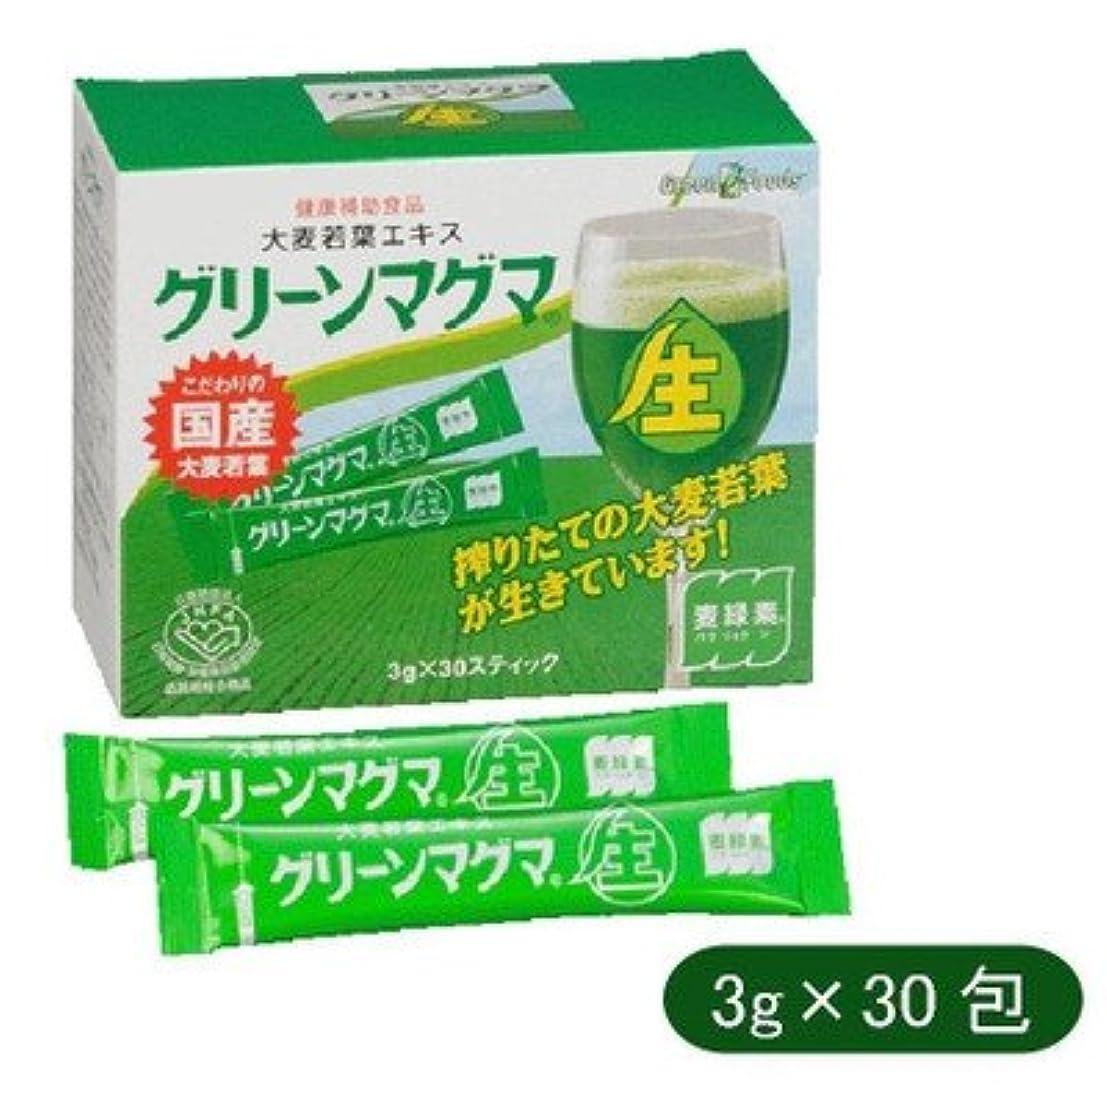 キルトエチケット幸運なことに日本薬品開発 大麦若葉エキス グリーンマグマ 3g×30包 642670